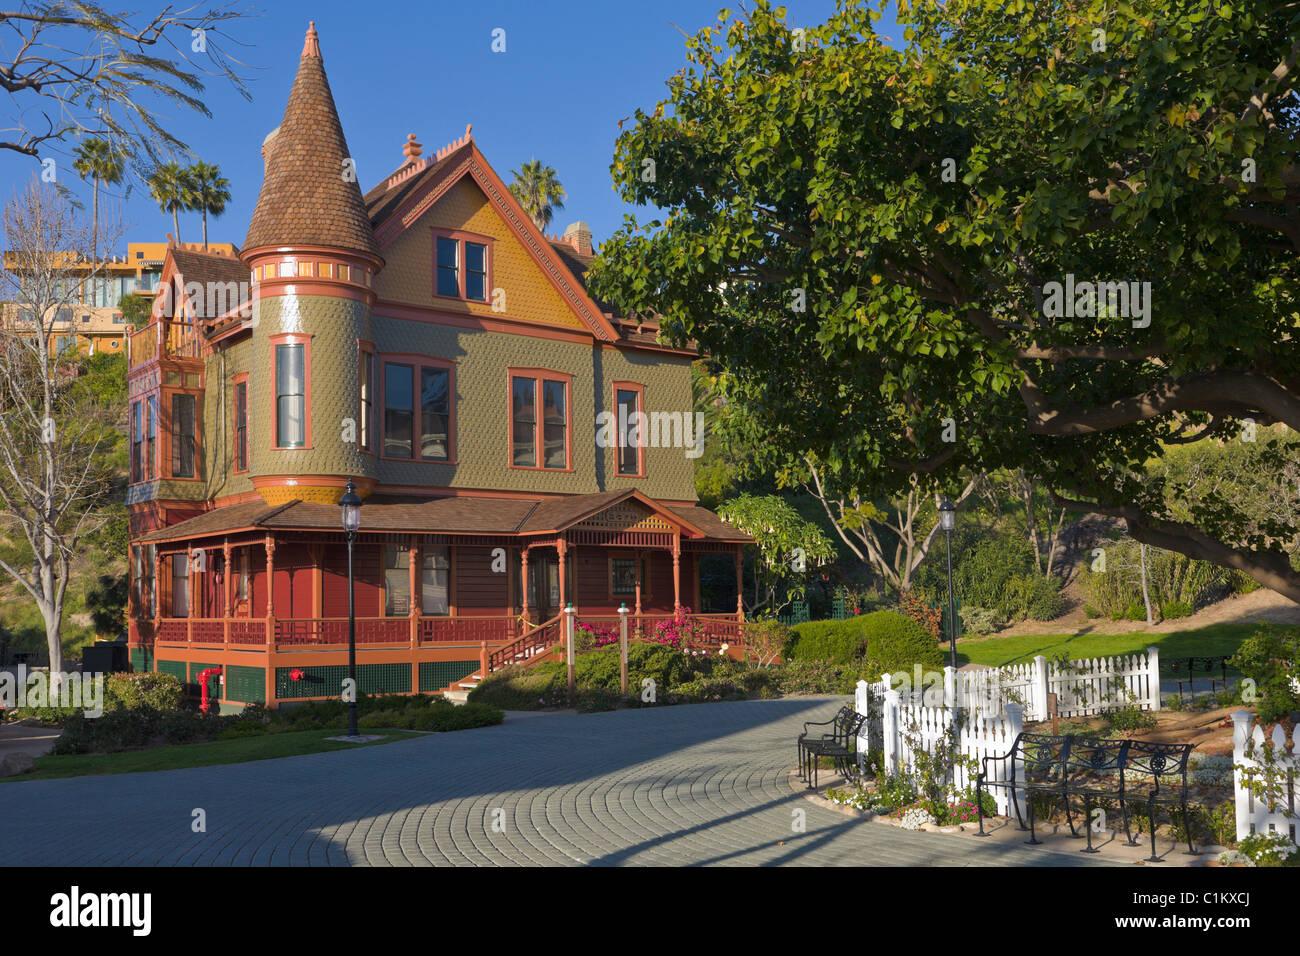 Viktorianisches haus viktorianisches dorf heritage park for Viktorianisches haus